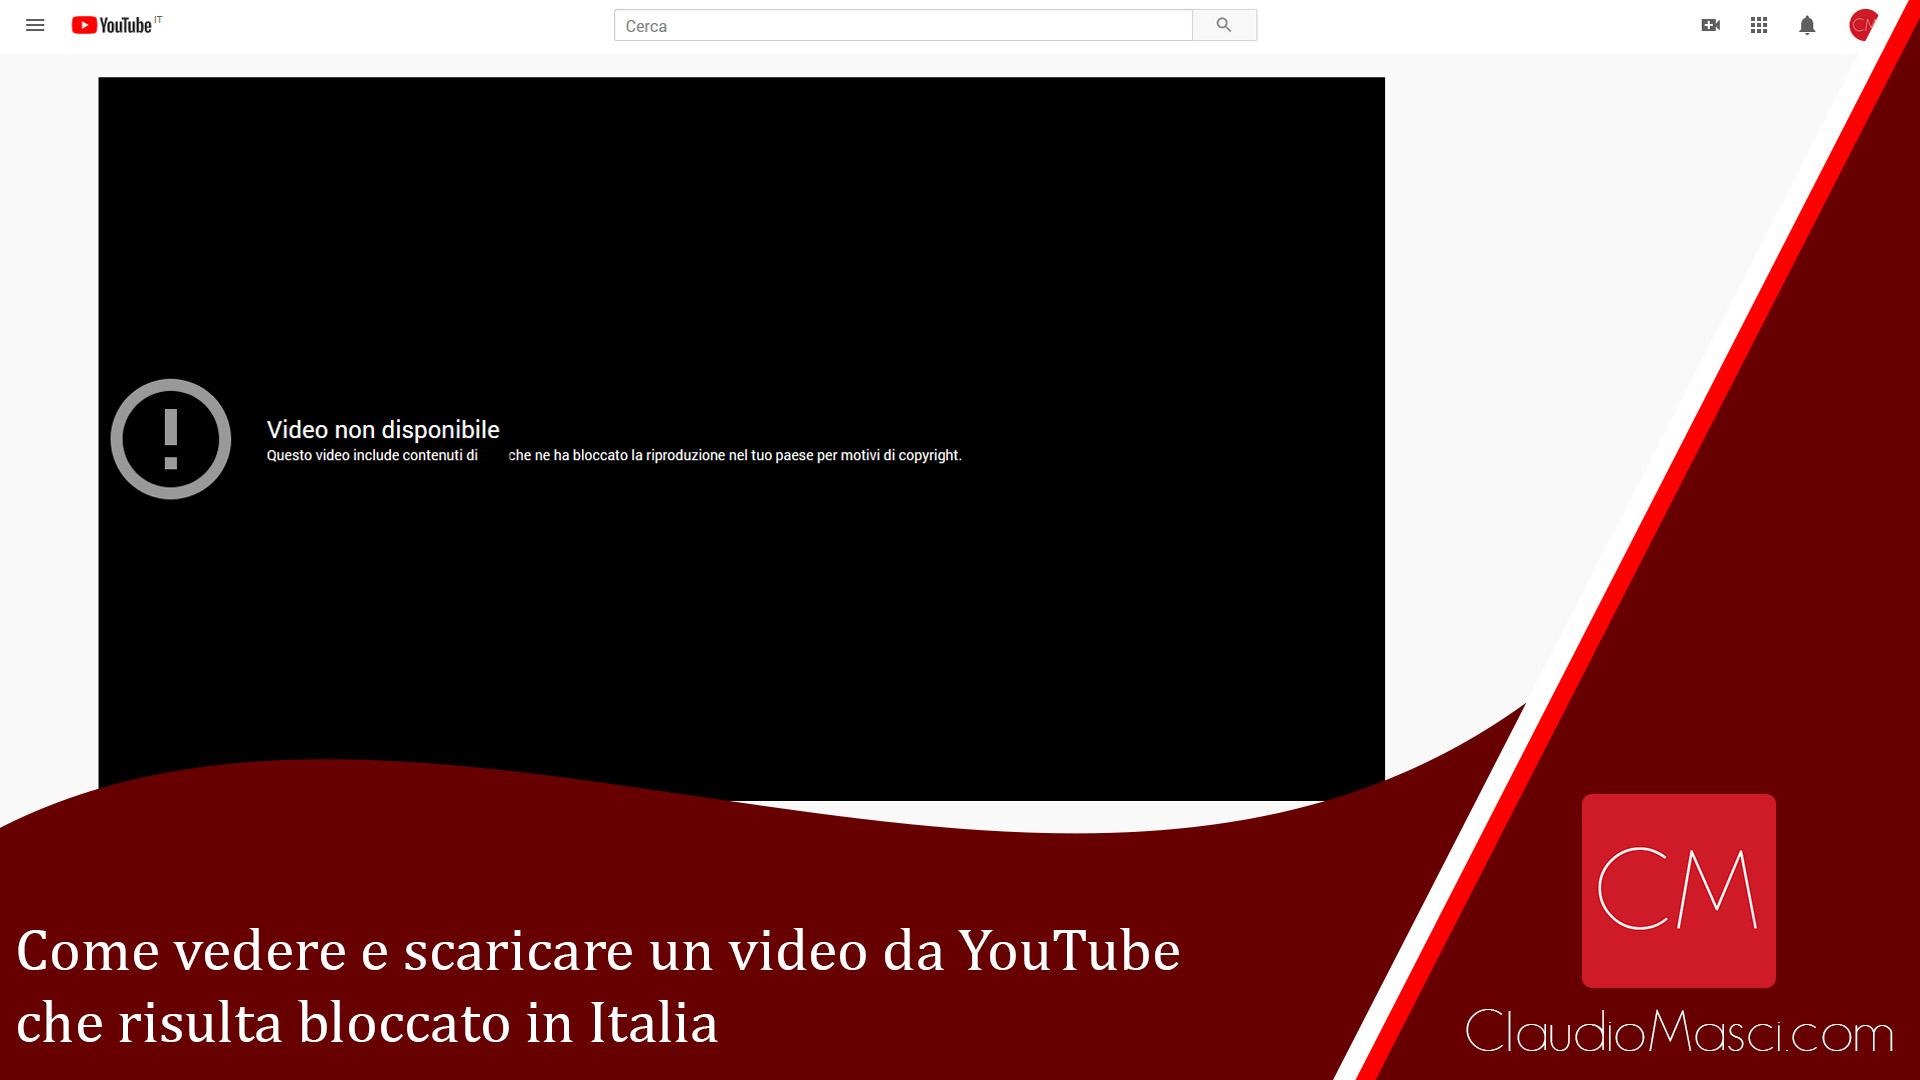 Come vedere e scaricare un video da YouTube bloccato in Italia